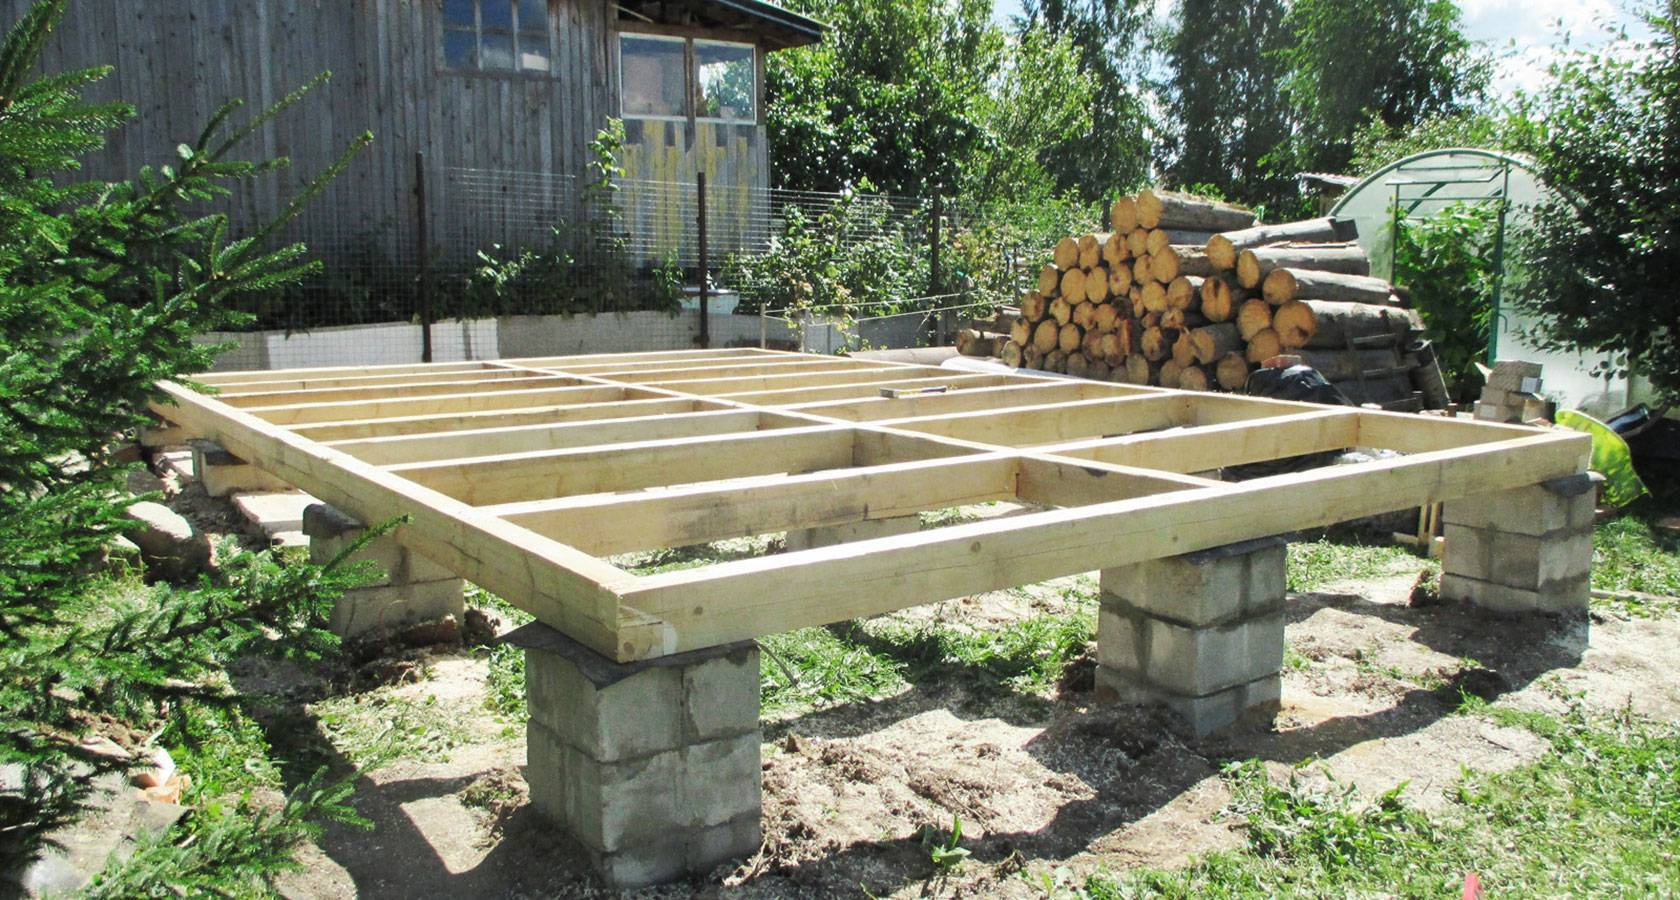 Фундамент под сруб - нормы, советы. как залить фундамент под срубовой дом 6 на 6